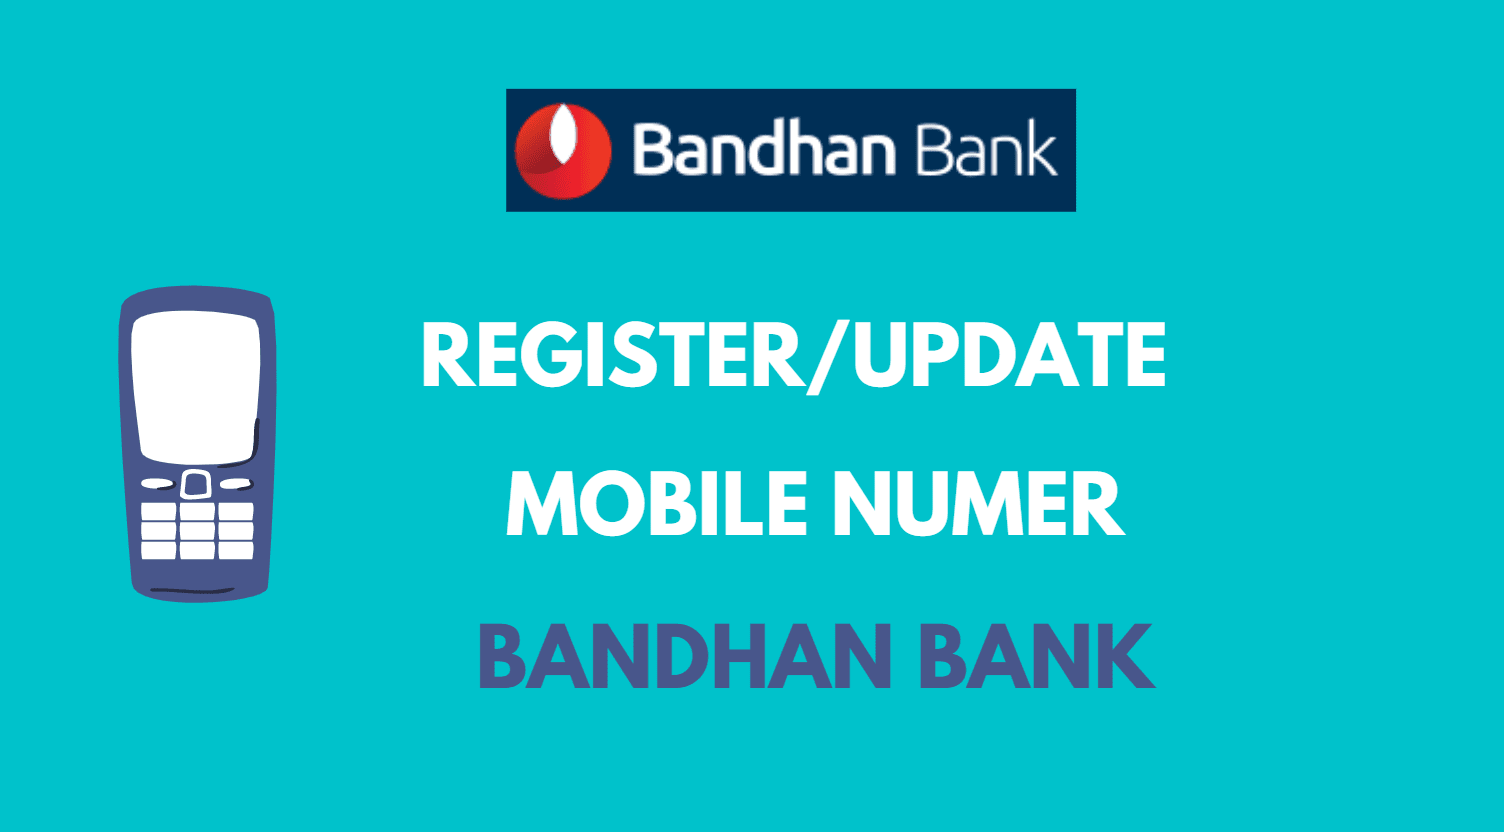 Register or Change Mobile Number in Bandhan Bank